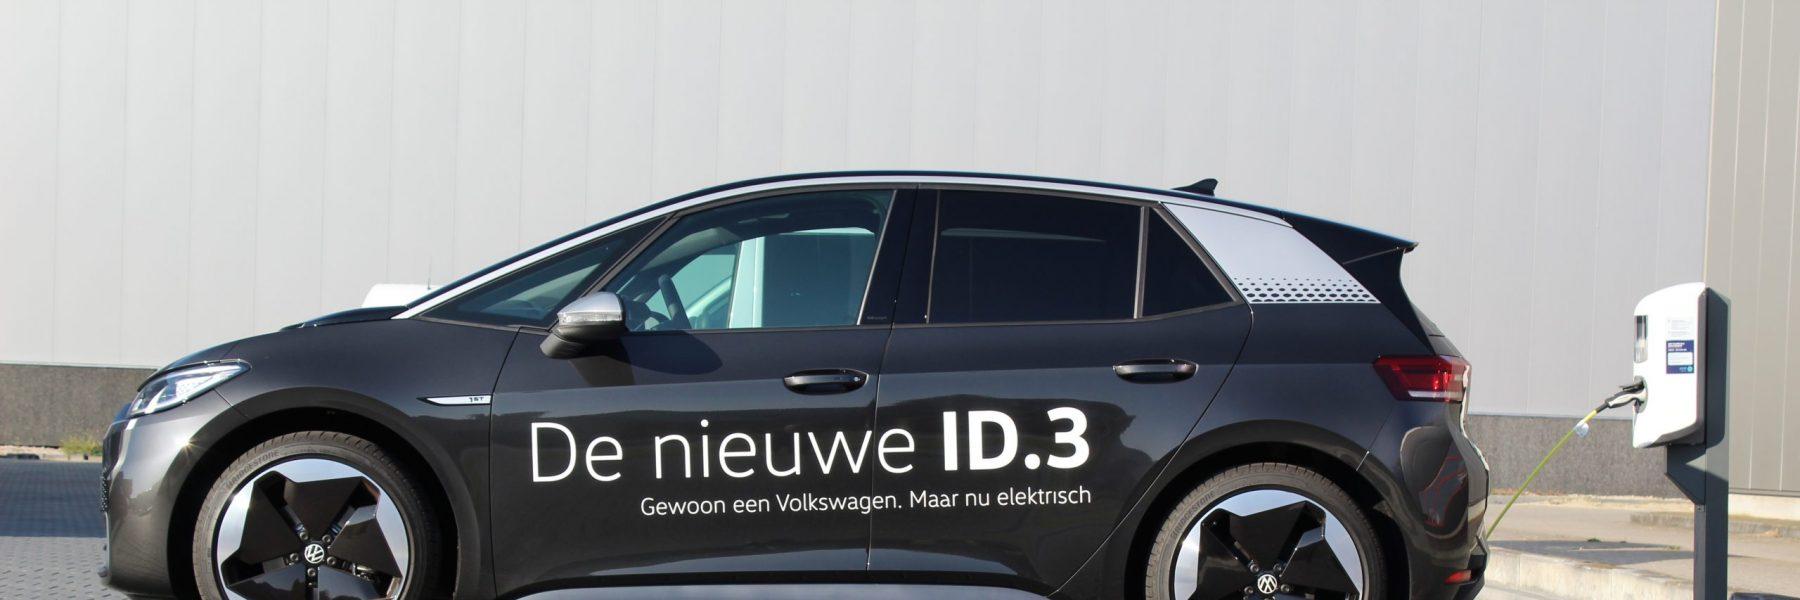 AUTODÖBBER IN GEESTEREN! Voor de laatste bewegingen en ontwikkelingen in de autobranche.